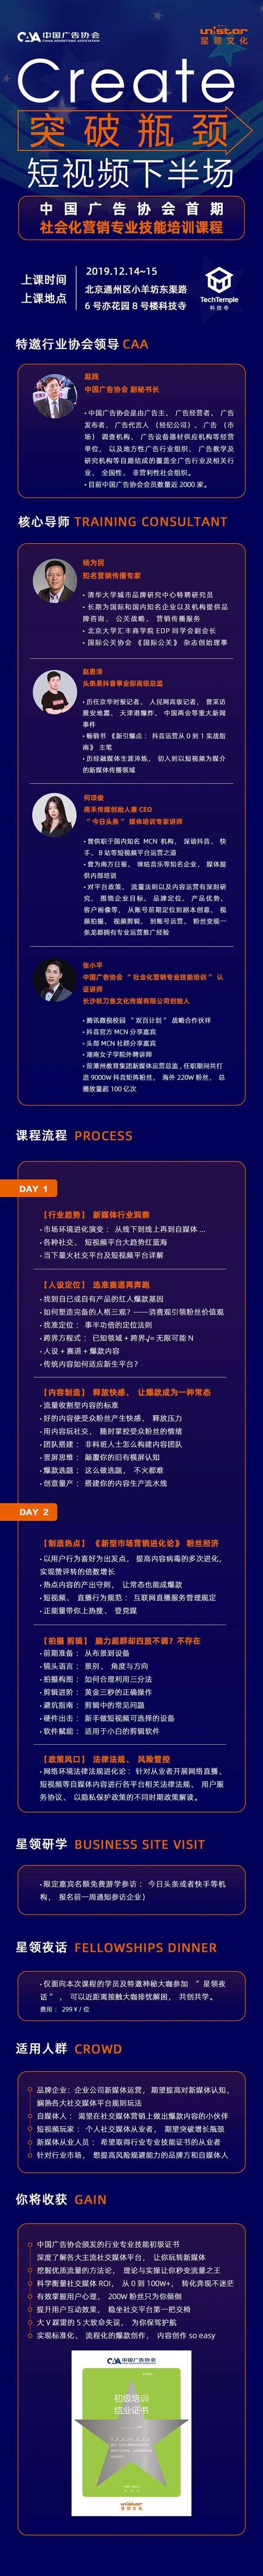 中广协线下课程长图20191204 活动行长图-01.jpg